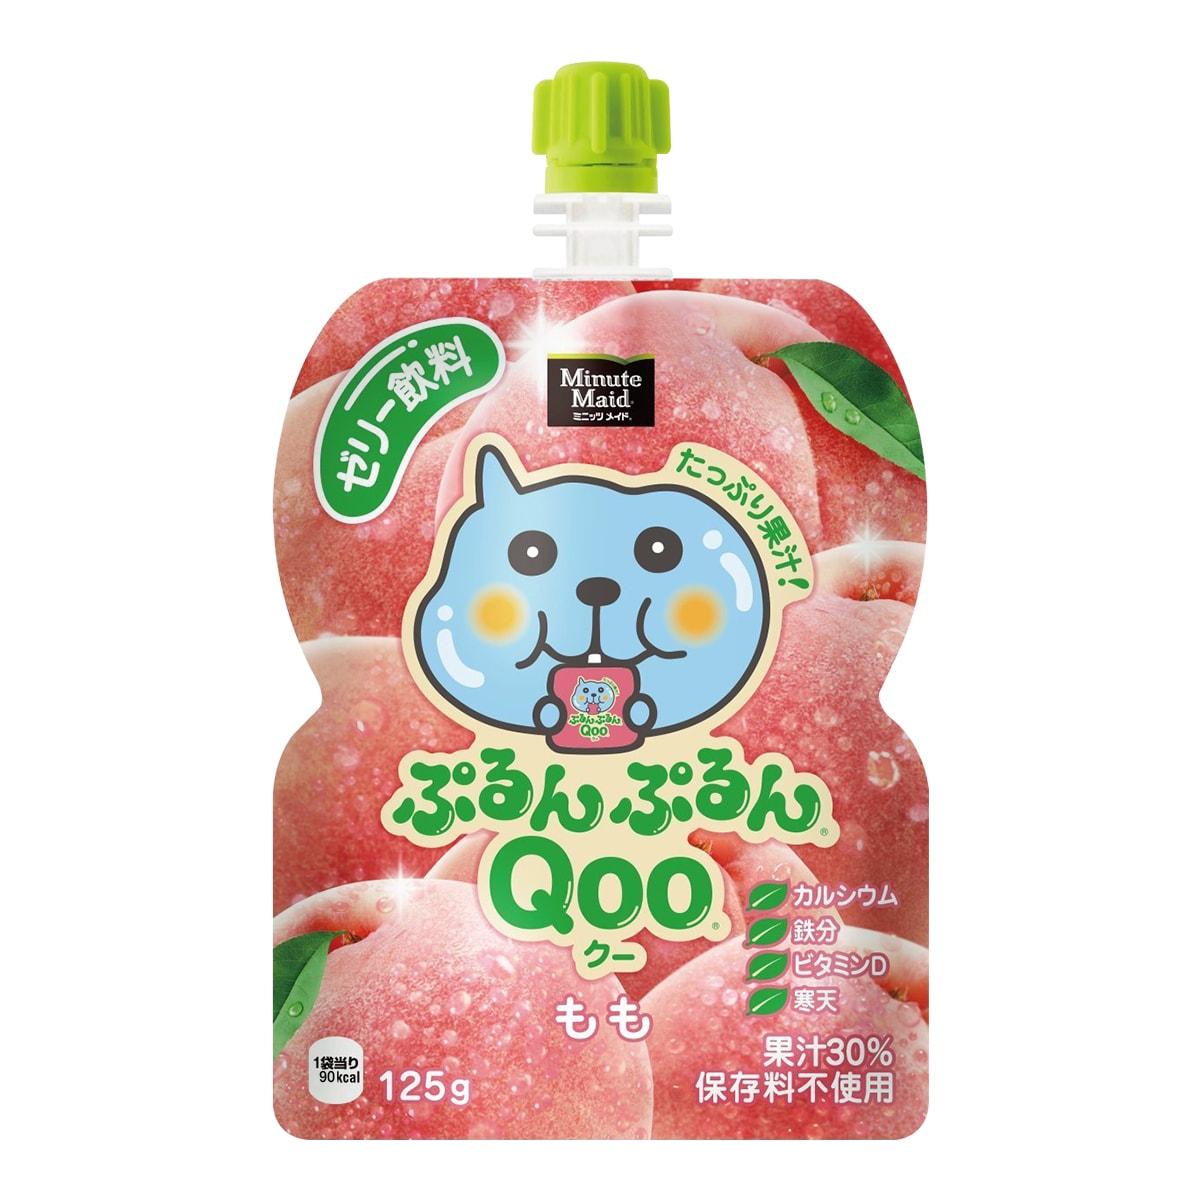 美汁源 酷儿 果冻饮料 水蜜桃味 125g